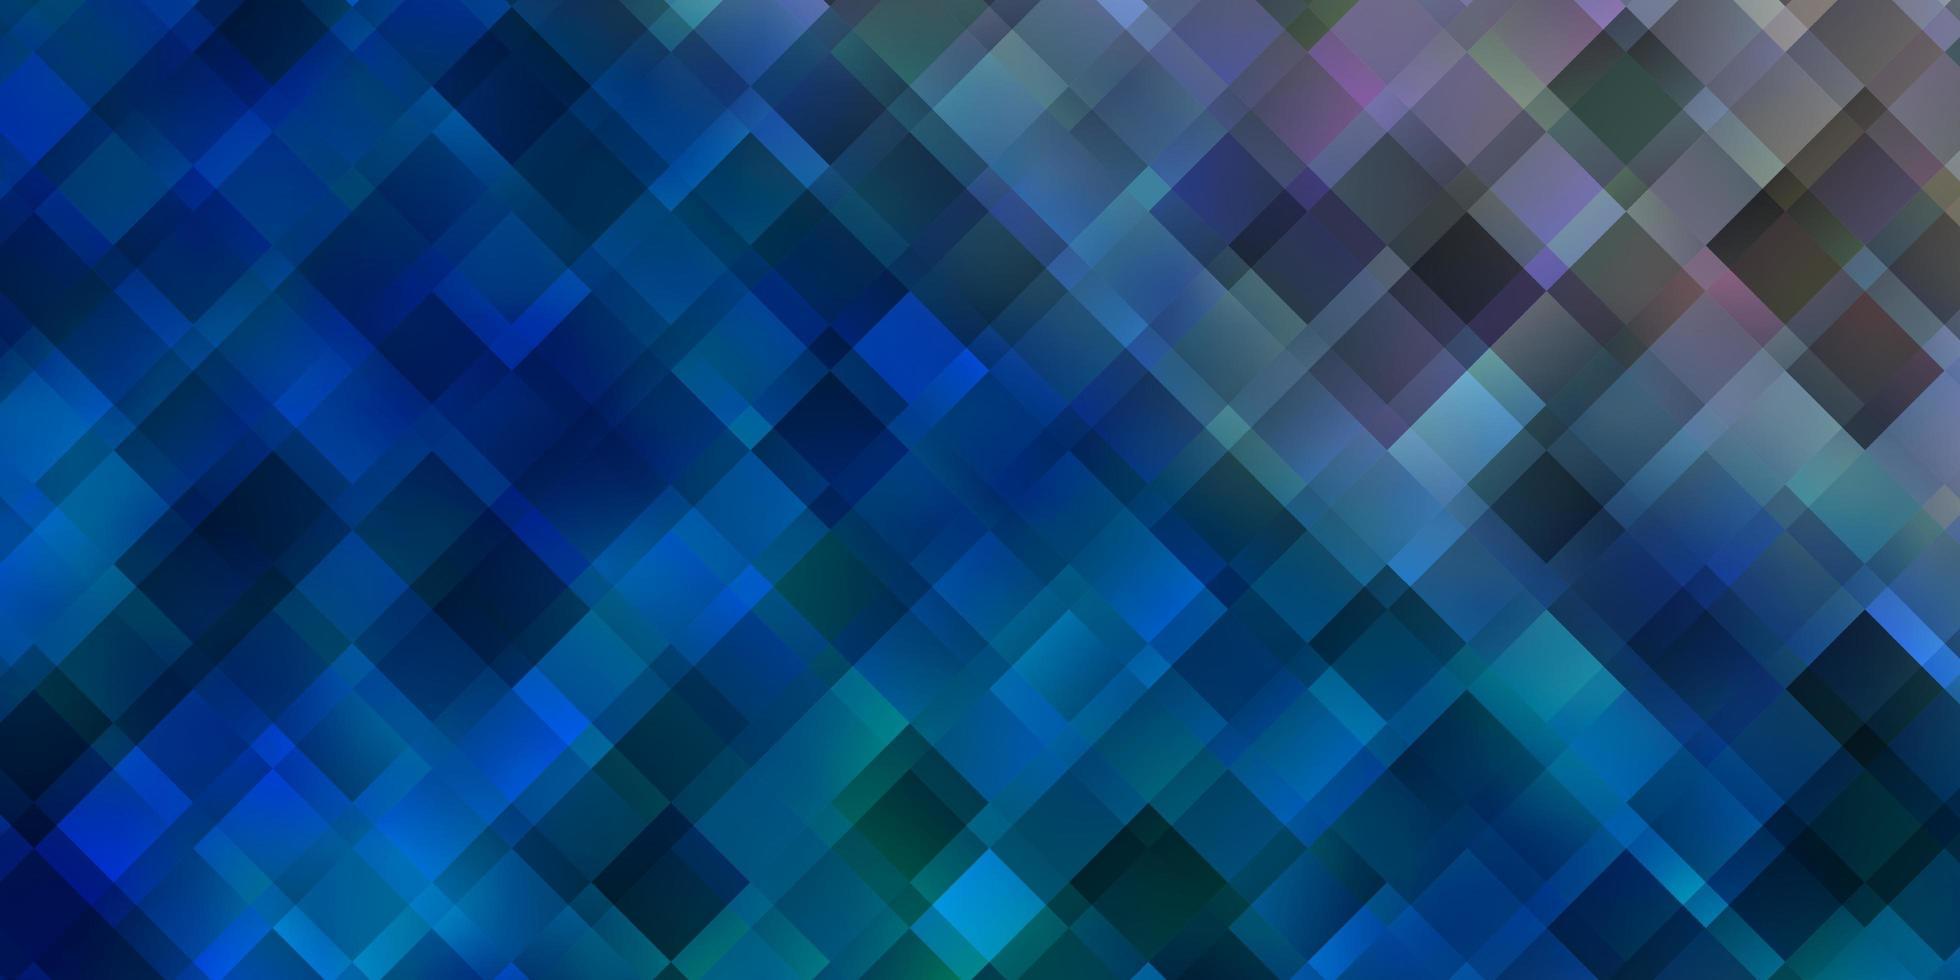 layout azul claro com linhas, retângulos. vetor